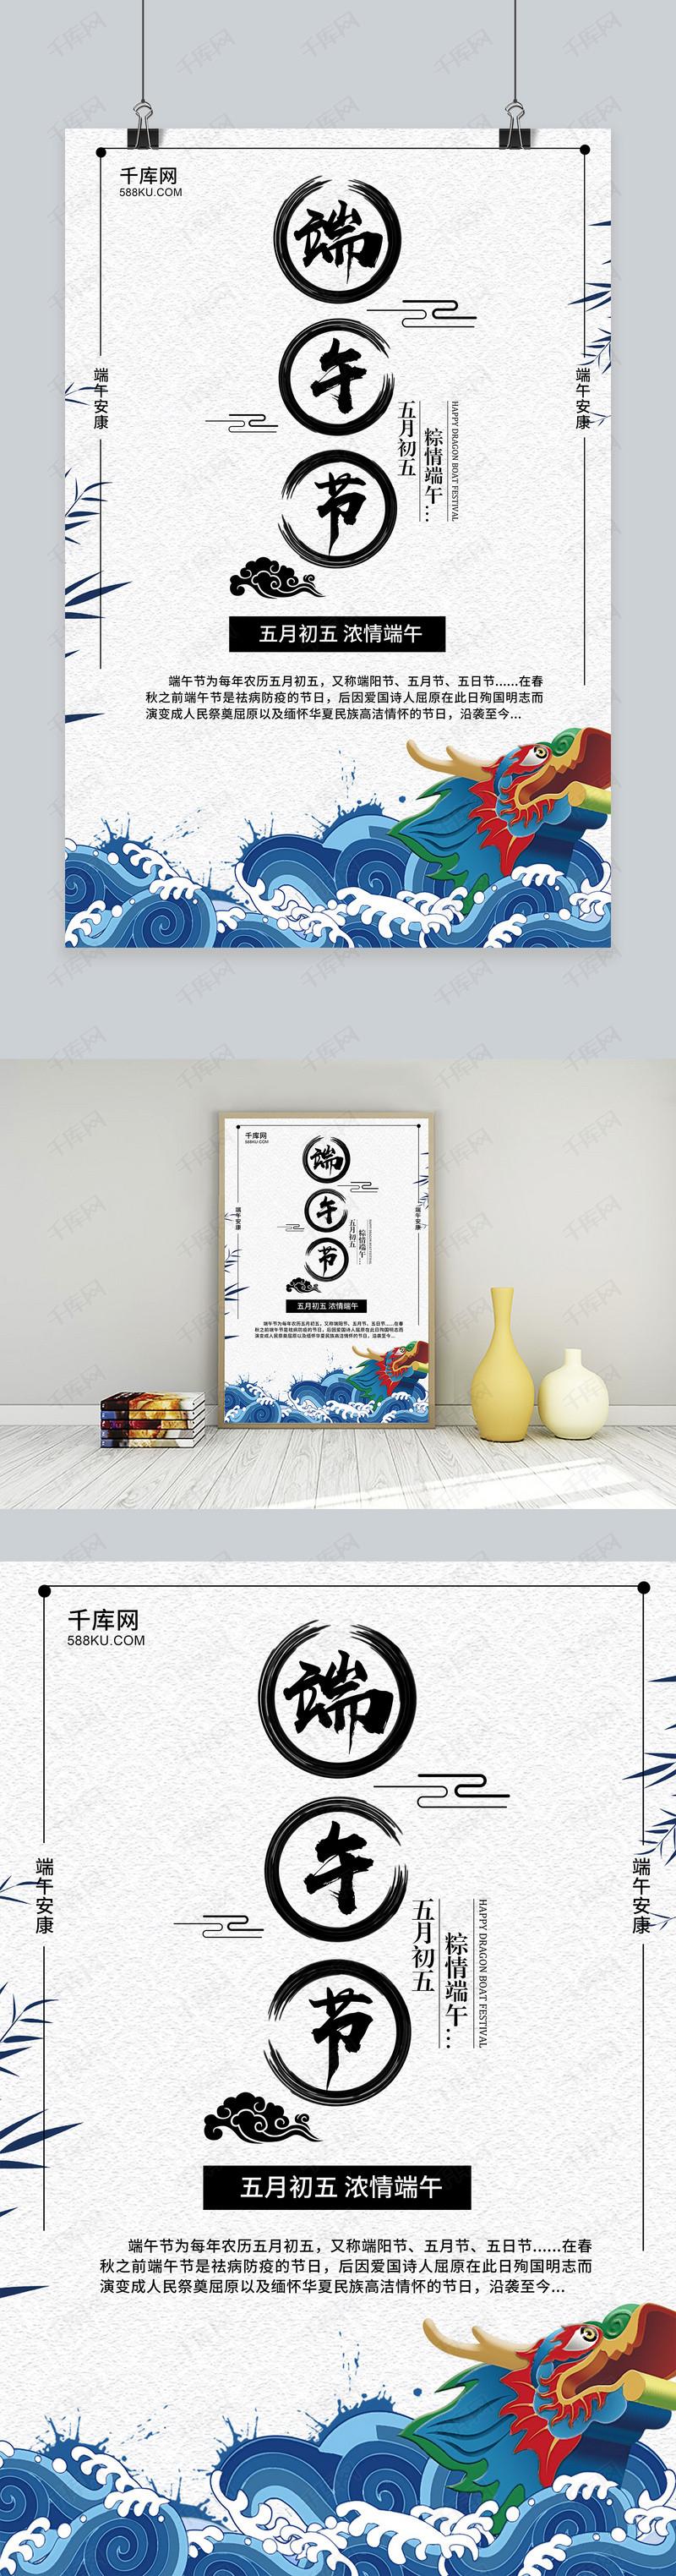 水墨中国风端午节赛龙舟海报千库原创